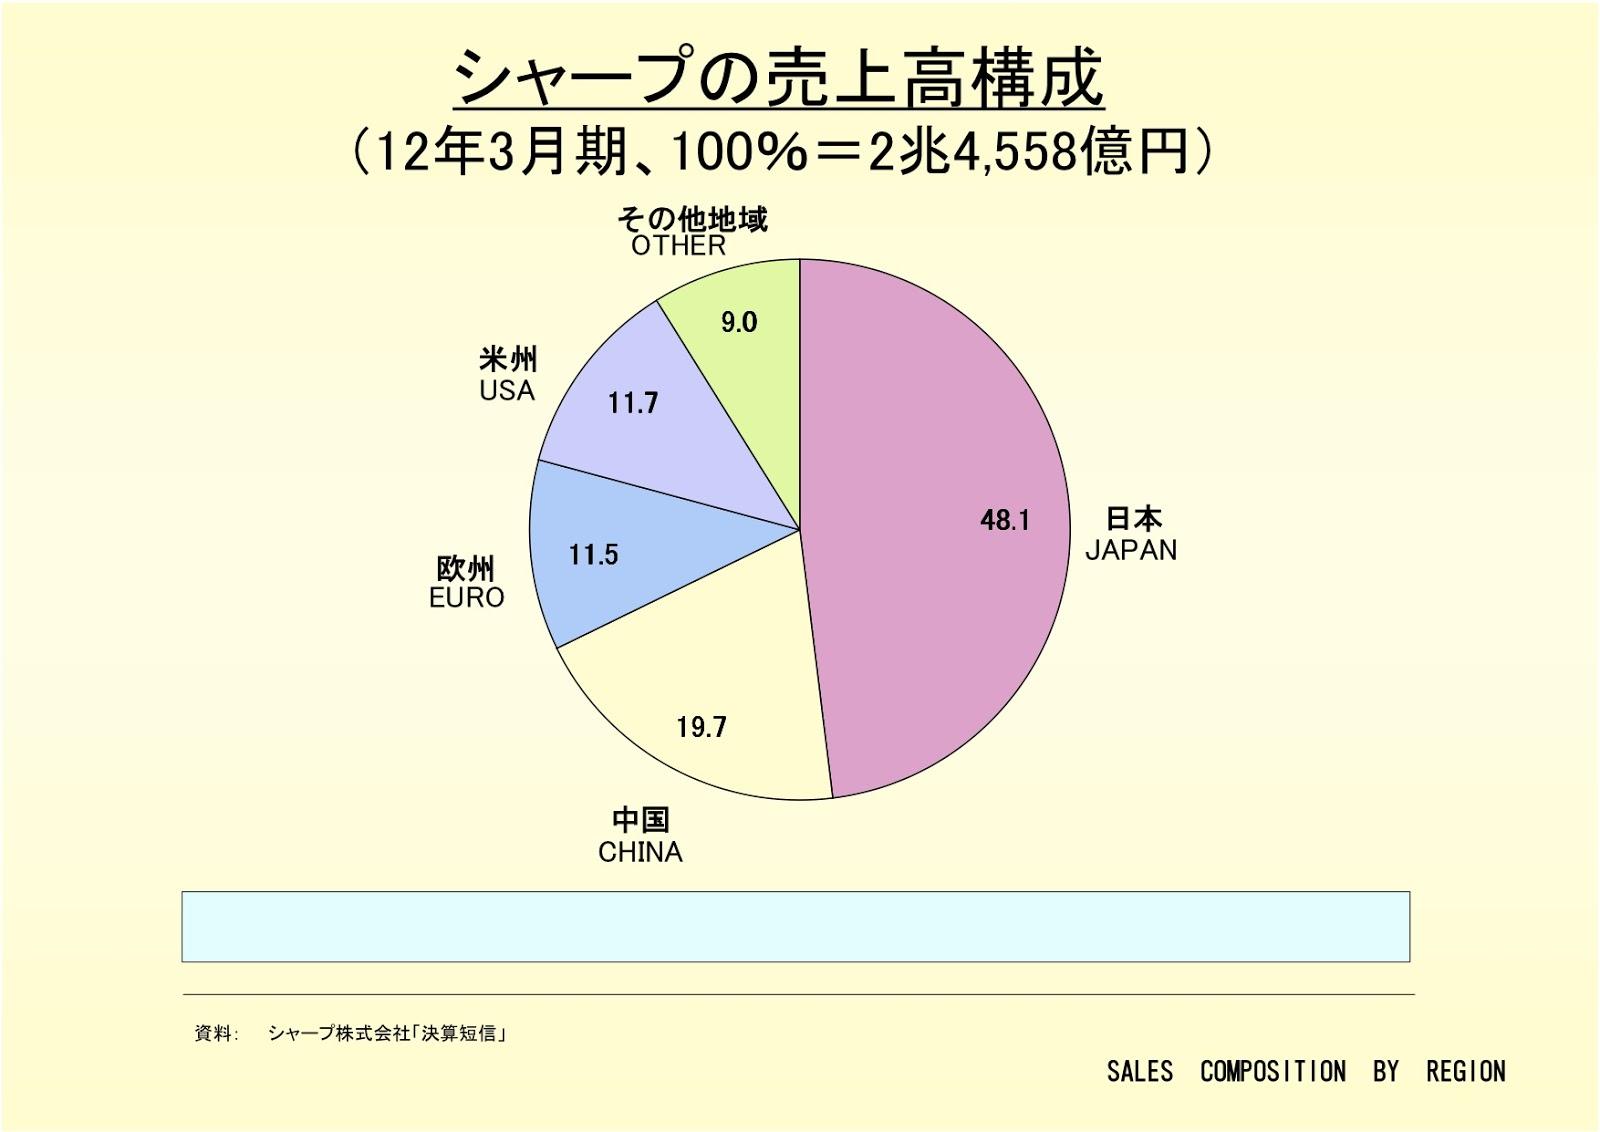 シャープ株式会社の売上高構成